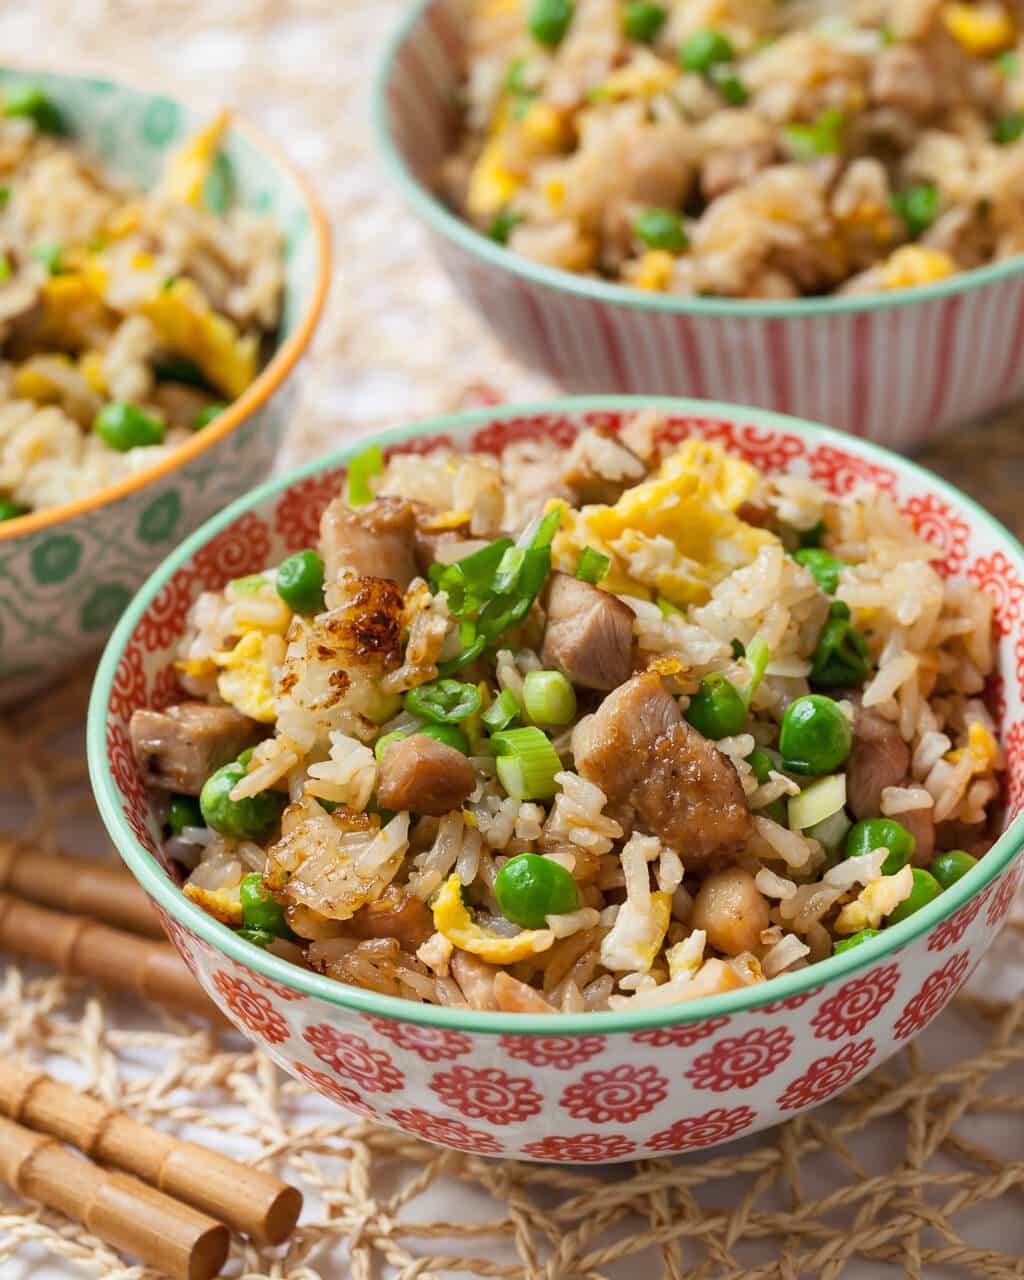 Best Chicken Fried Rice Recipe  Chicken Fried Rice Steamy Kitchen Recipes